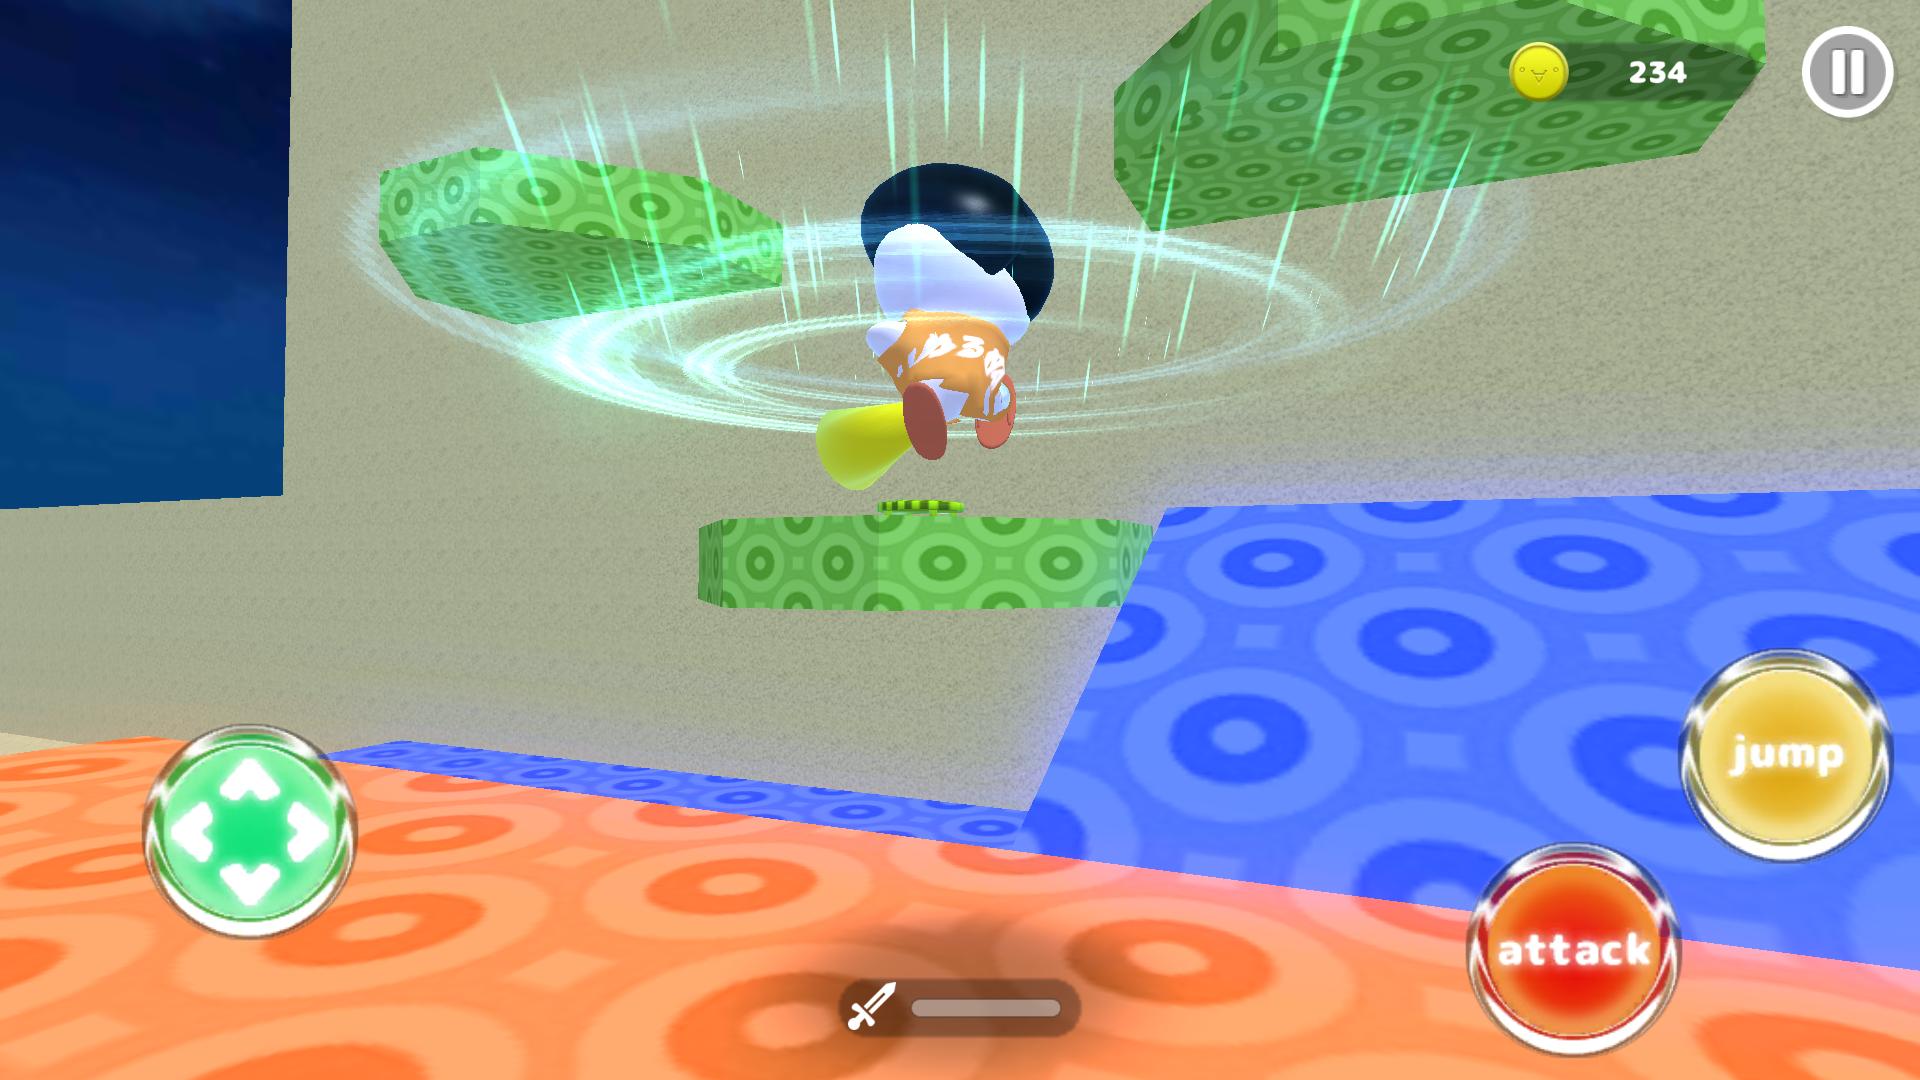 ショボーンのカオスワールド 3D androidアプリスクリーンショット2